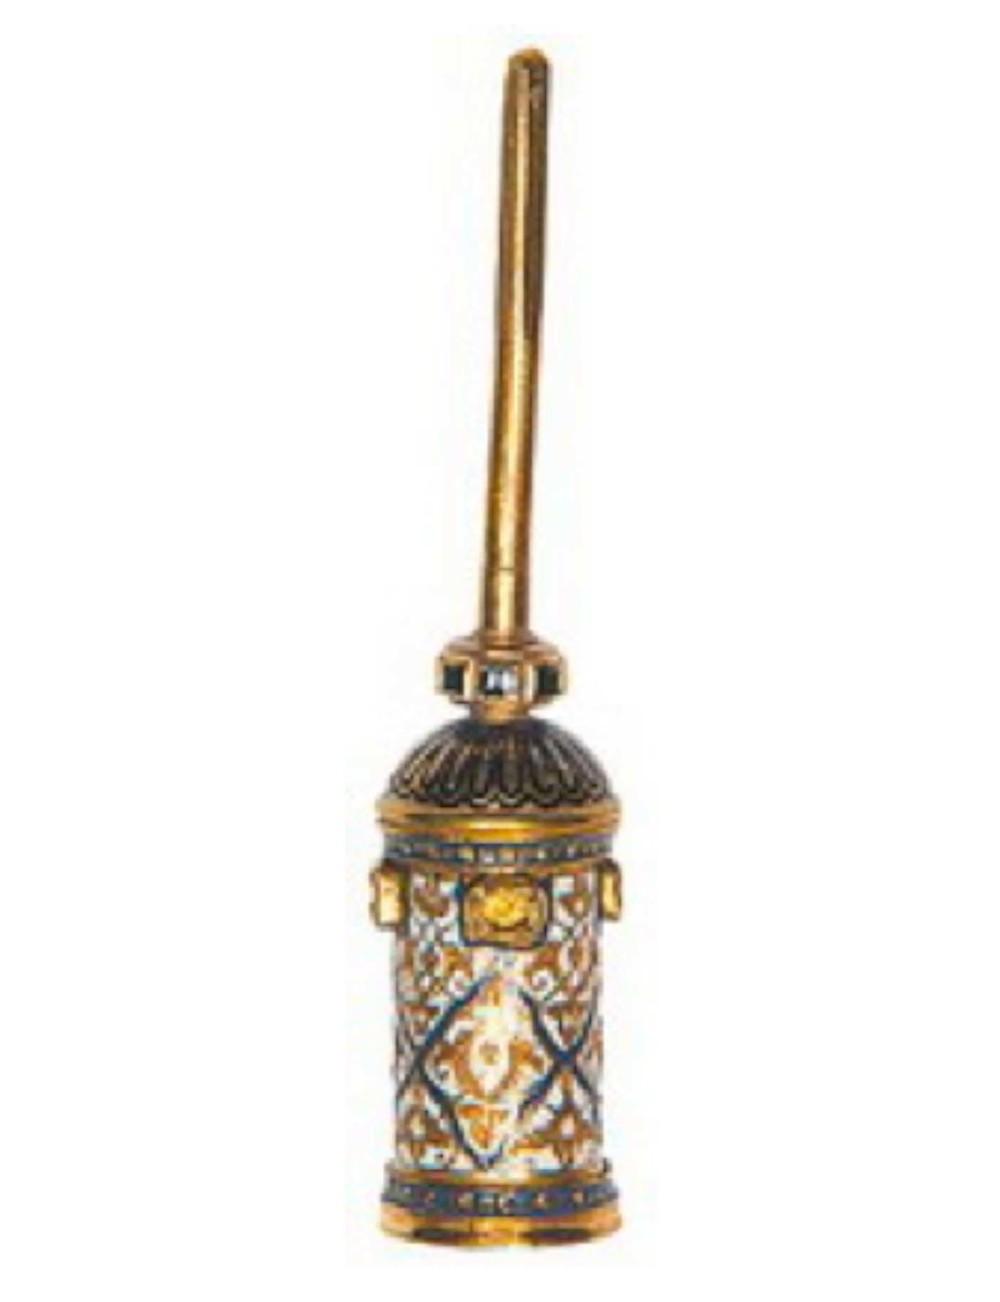 Altın yelpaze sapı, 16 yy sonu 17 yy başı, Osmanlı, uzunluk: 12 cm T.S.M. 2/5257 Altın üzerine mineli ve zümrütlü. Dört büyük taş yuvası boştur. Altın çubuğun ince boyutu ve yuvanın formu, kavut sorgucu yuvası olabileceğini düşündürür.